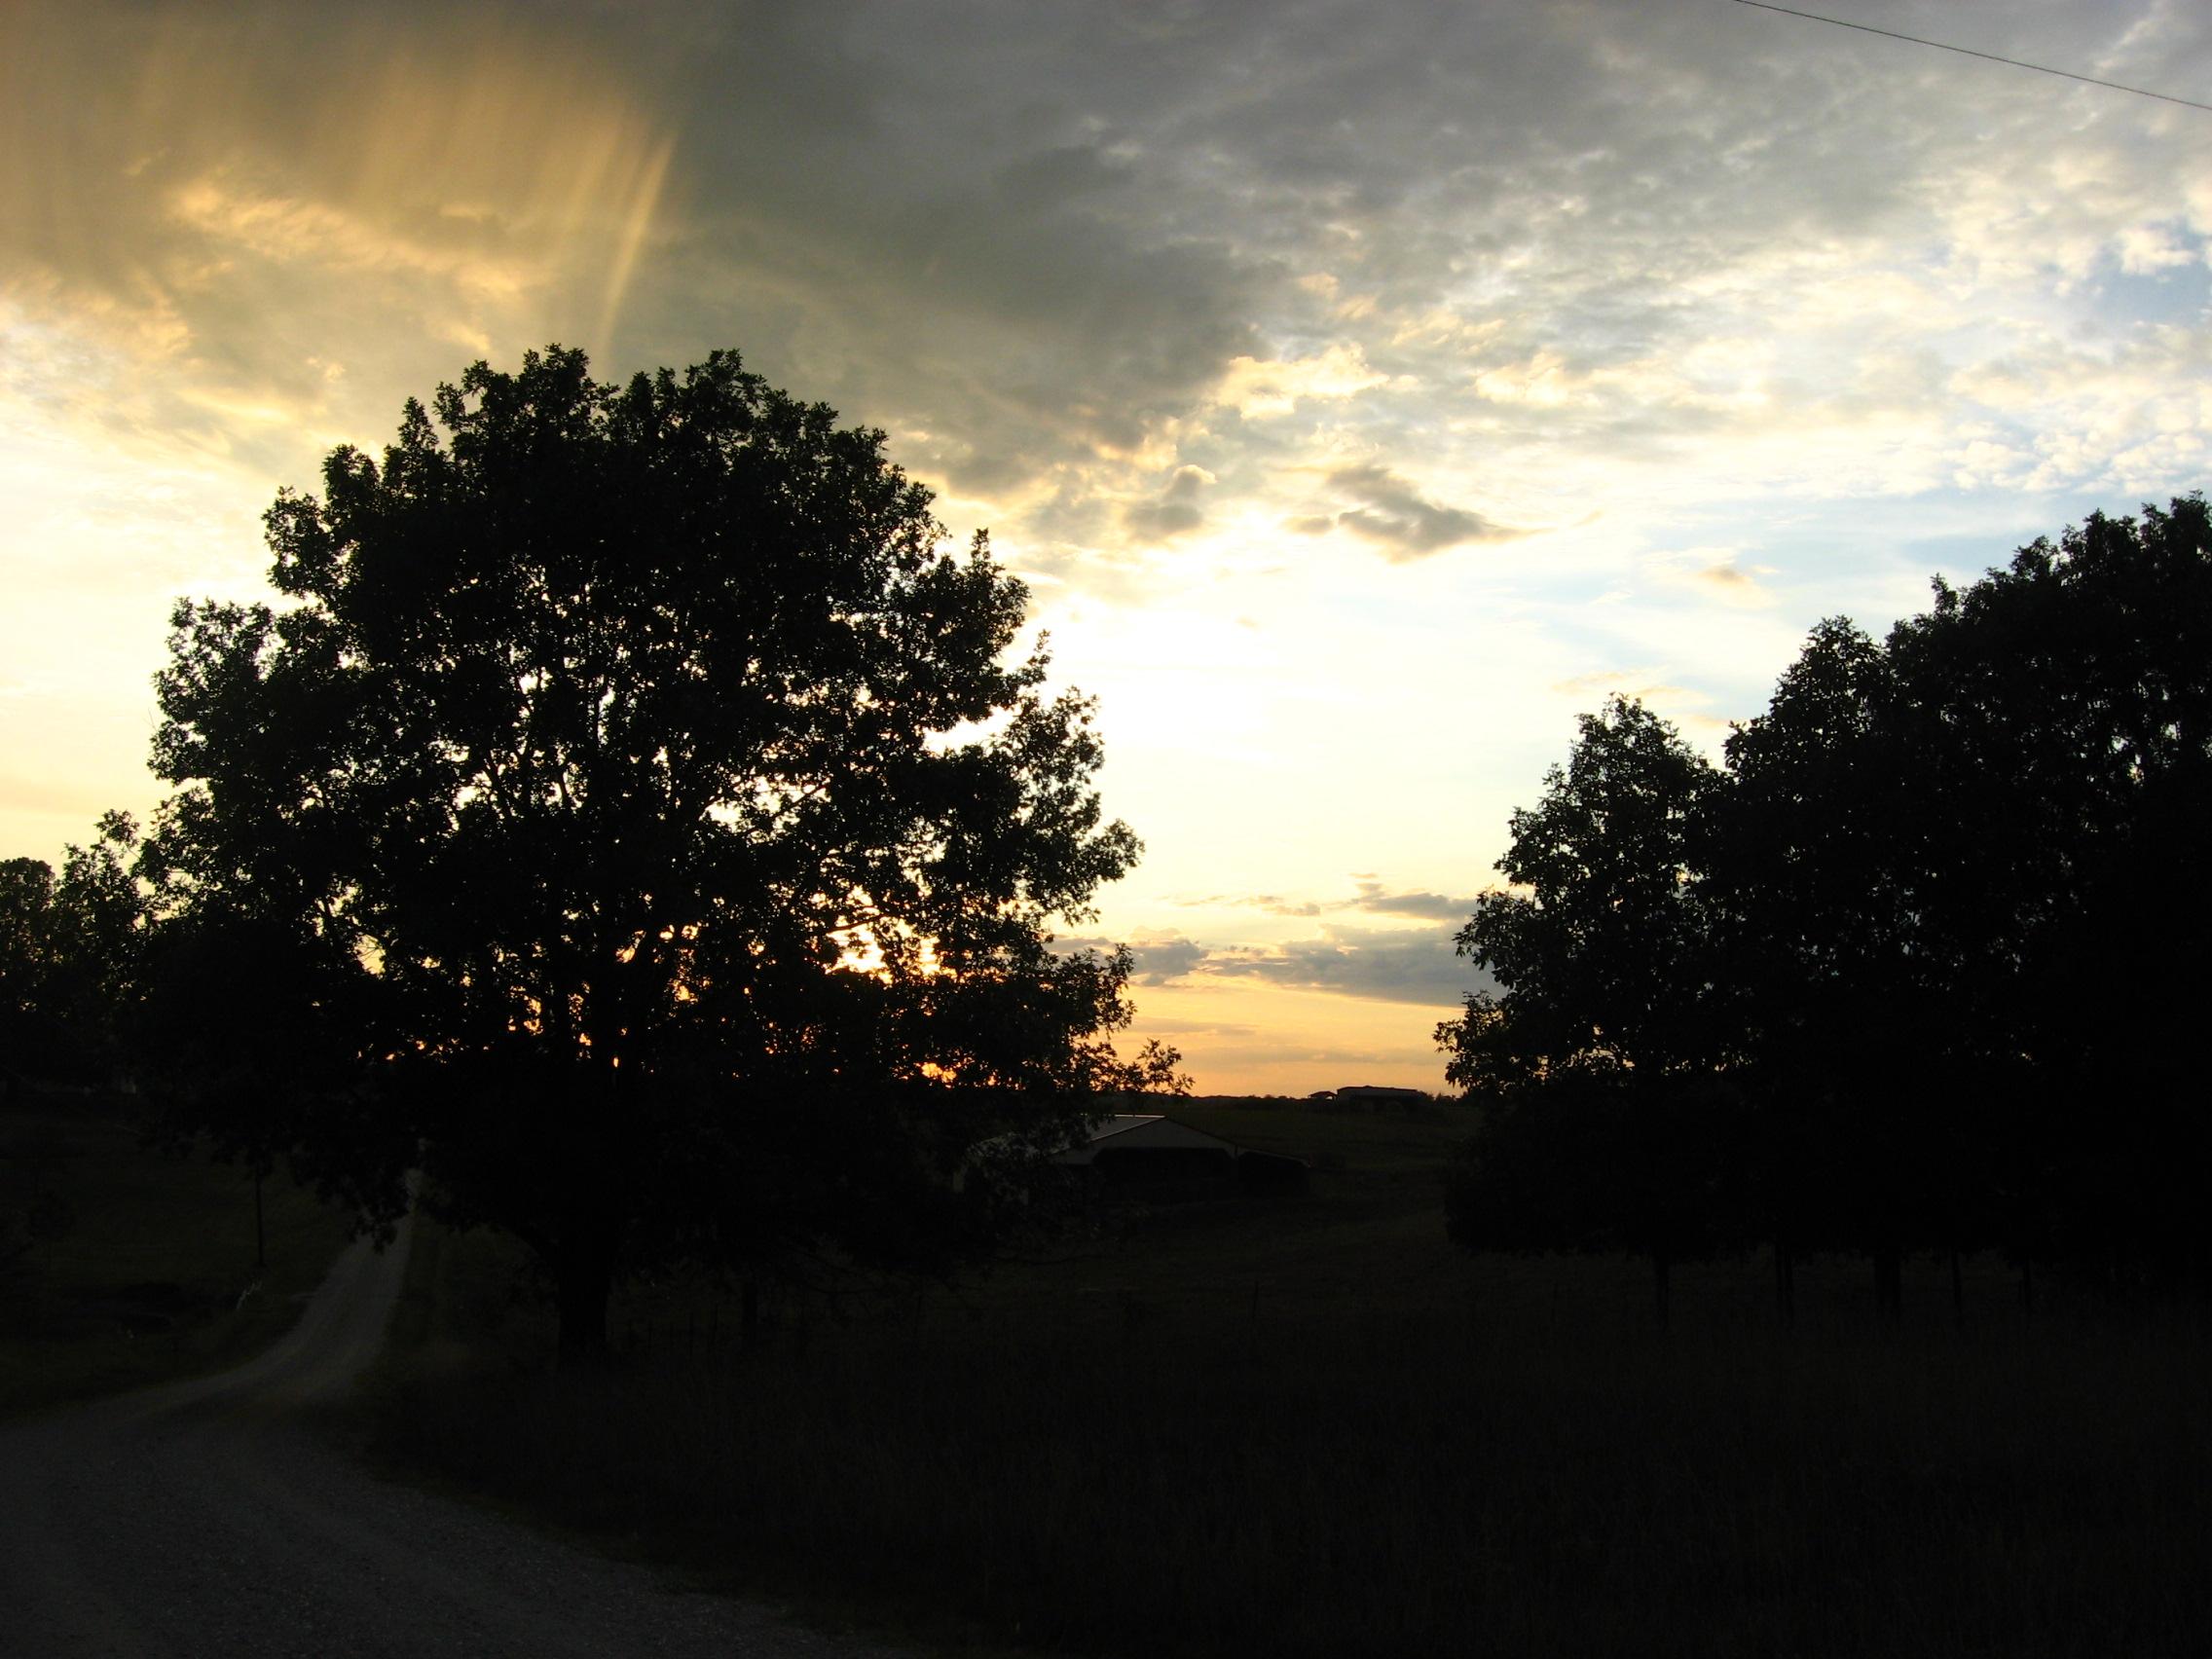 2011_08_28 - dusk 031